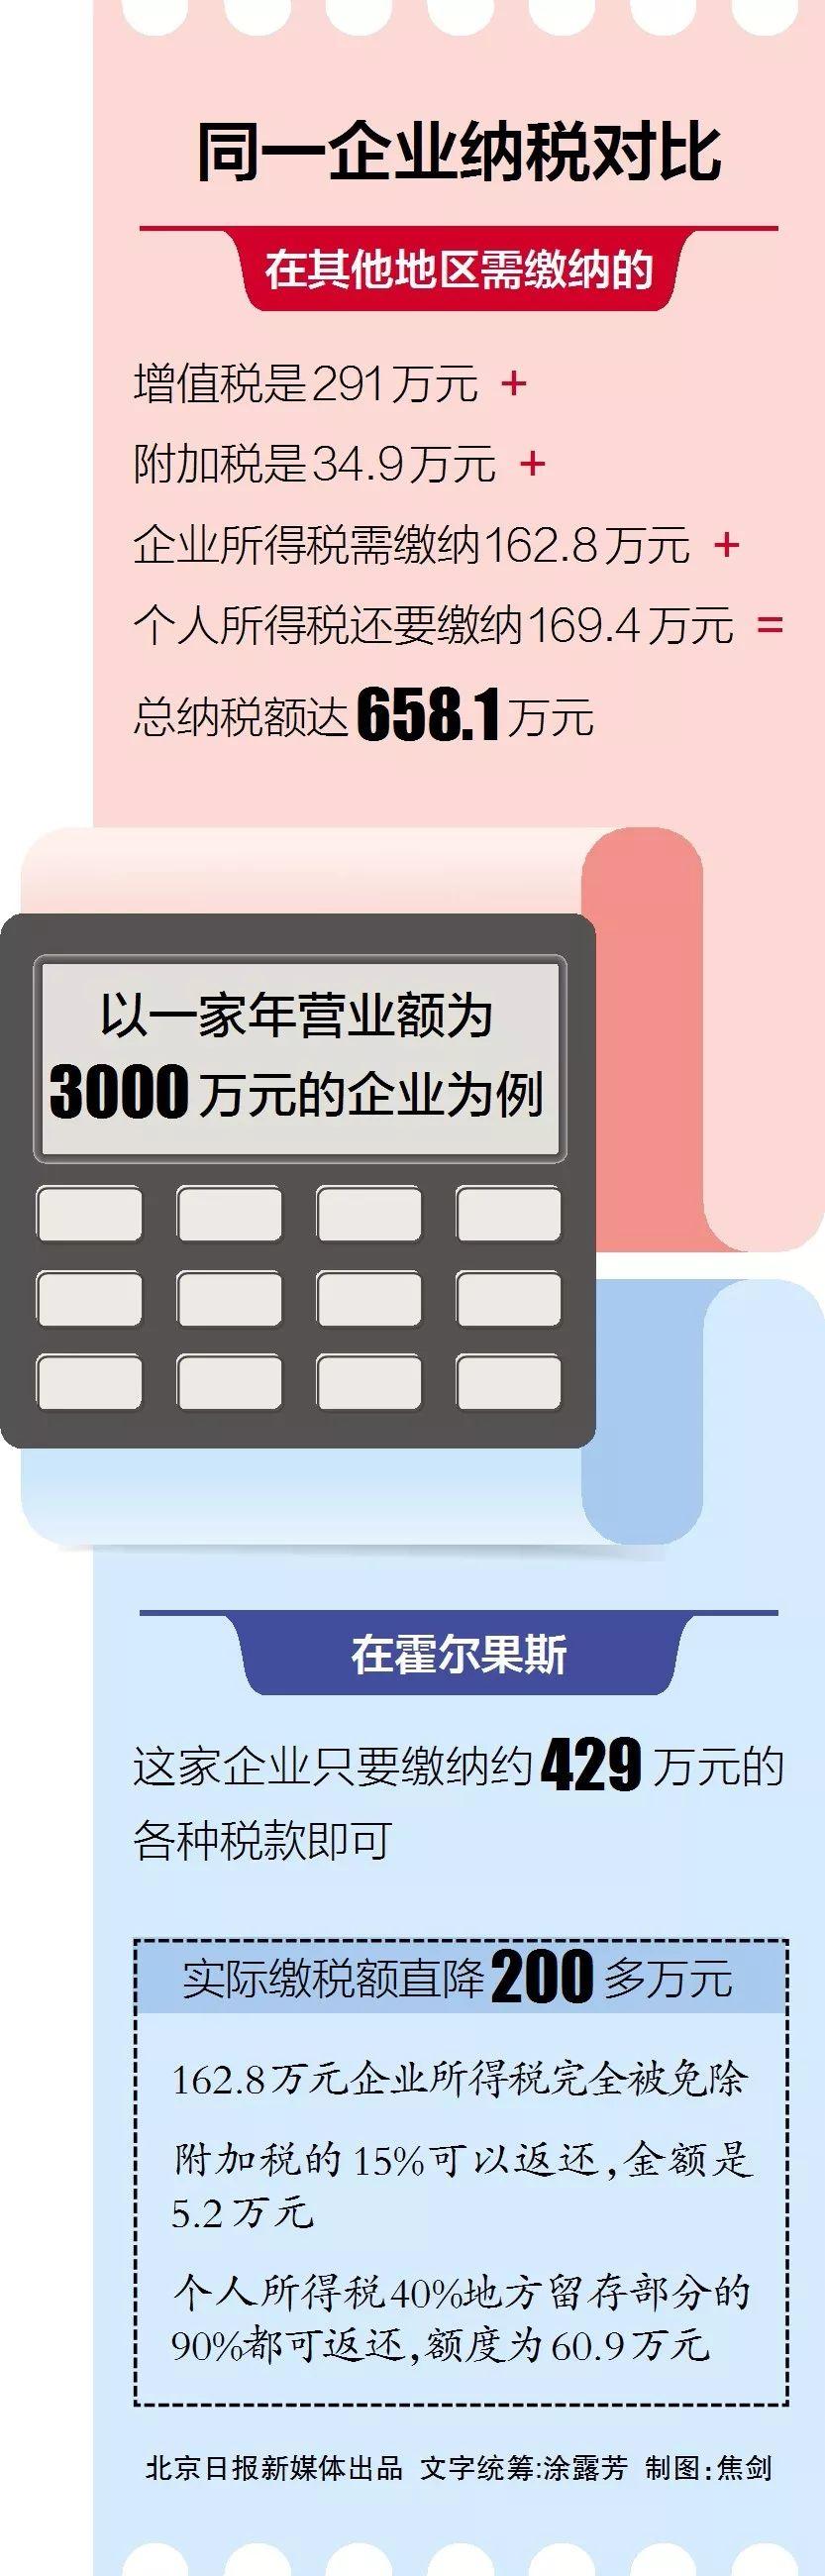 """被称作""""避税天堂""""的霍尔果斯 竟有1400多家京企扎堆"""